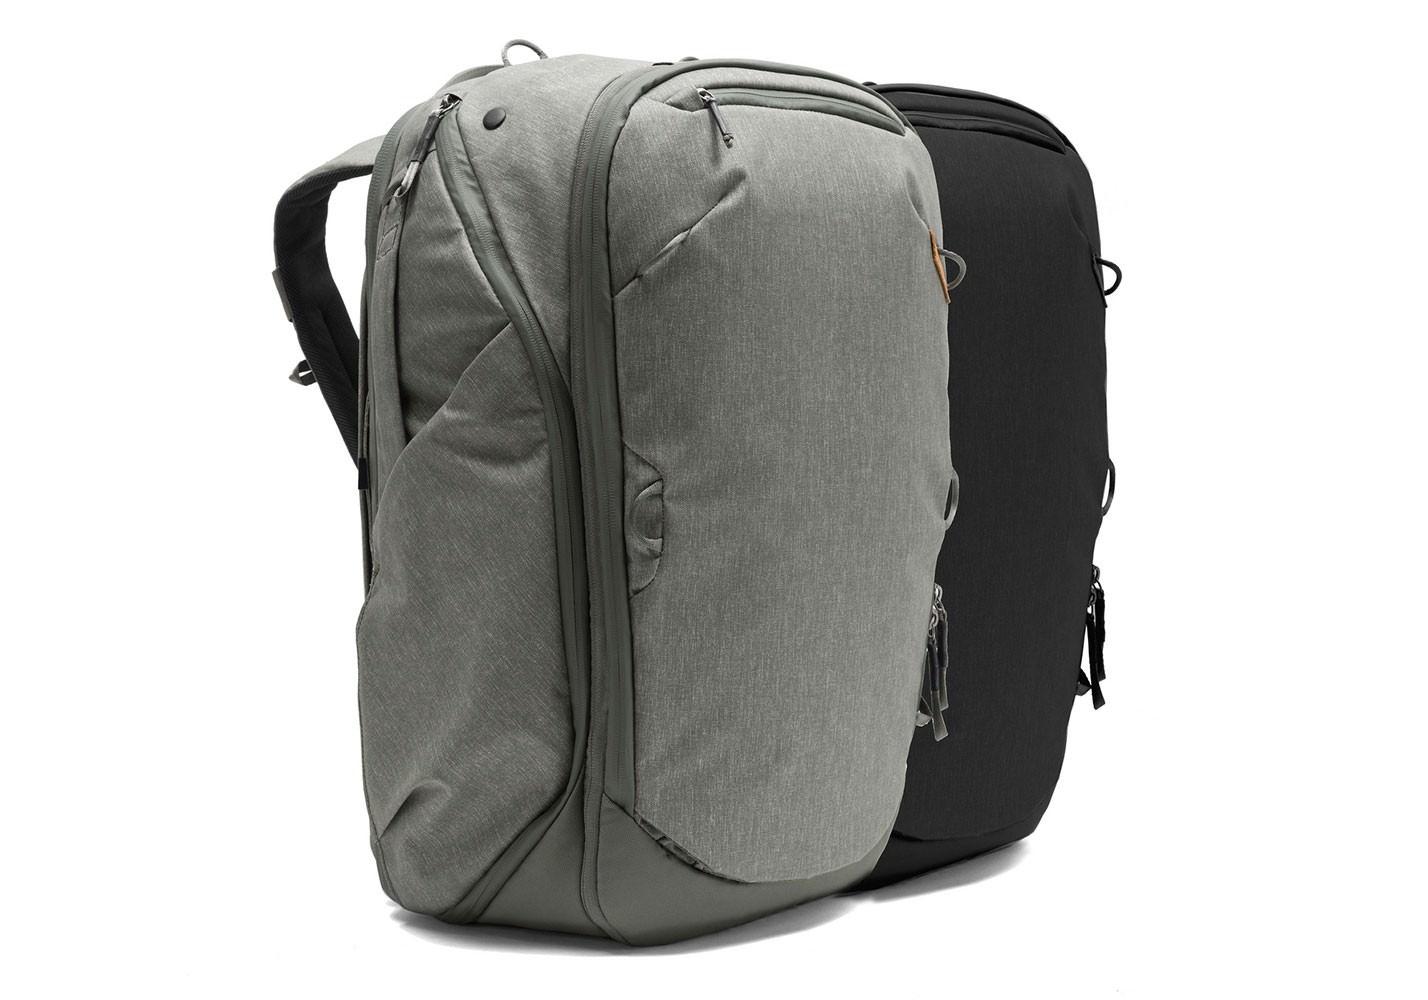 ピークデザイン トラベルバックパック45L Peak Design Travel Backpack 45L